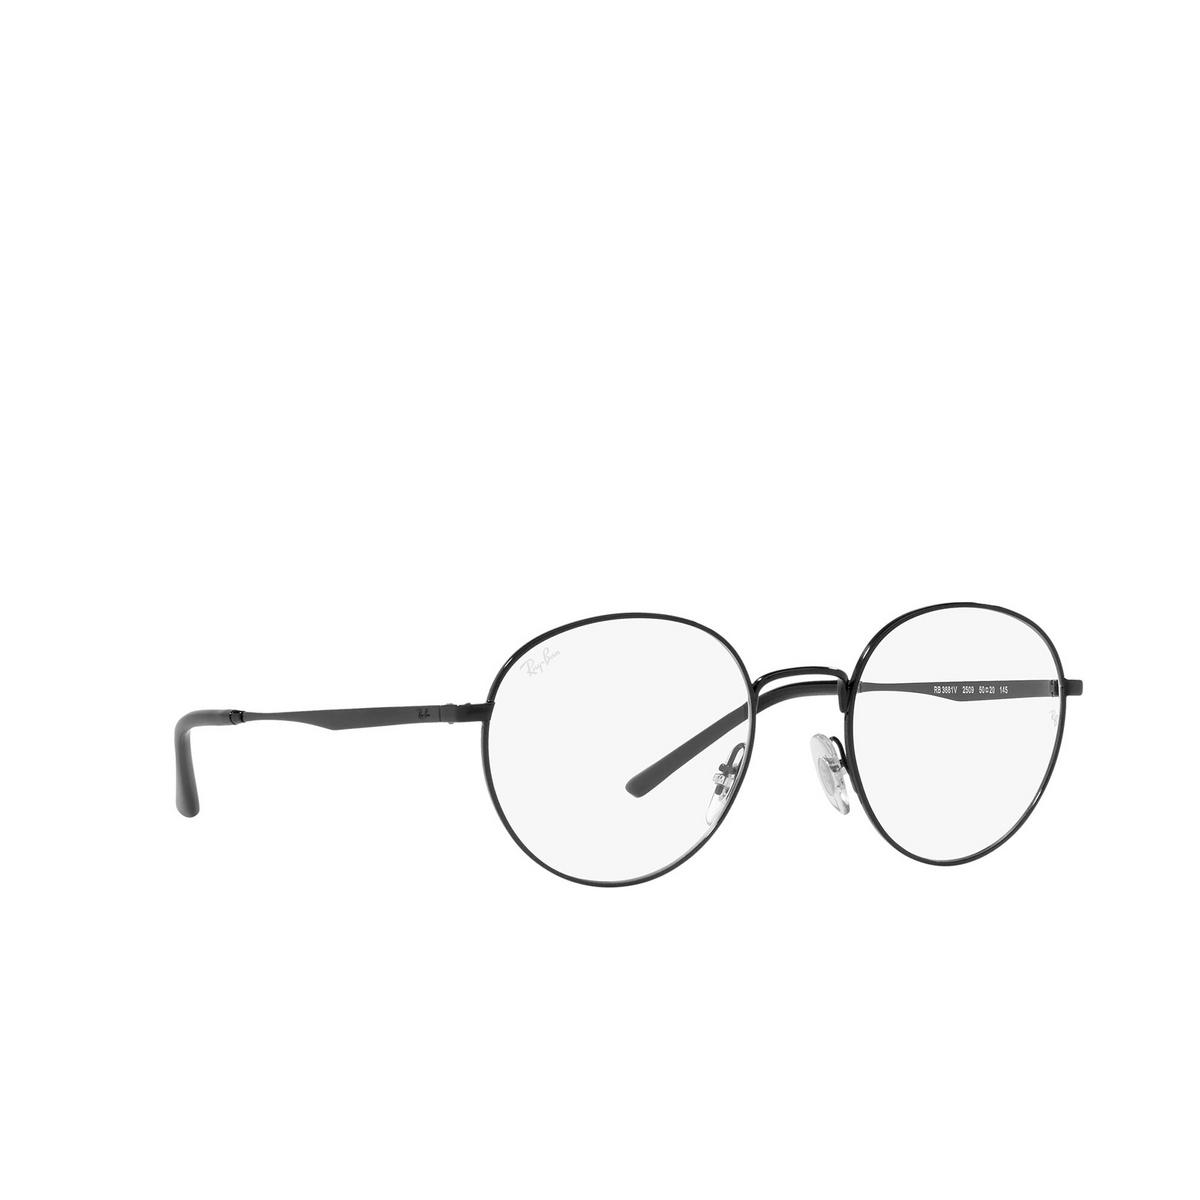 Ray-Ban® Round Eyeglasses: RX3681V color Black 2509 - three-quarters view.